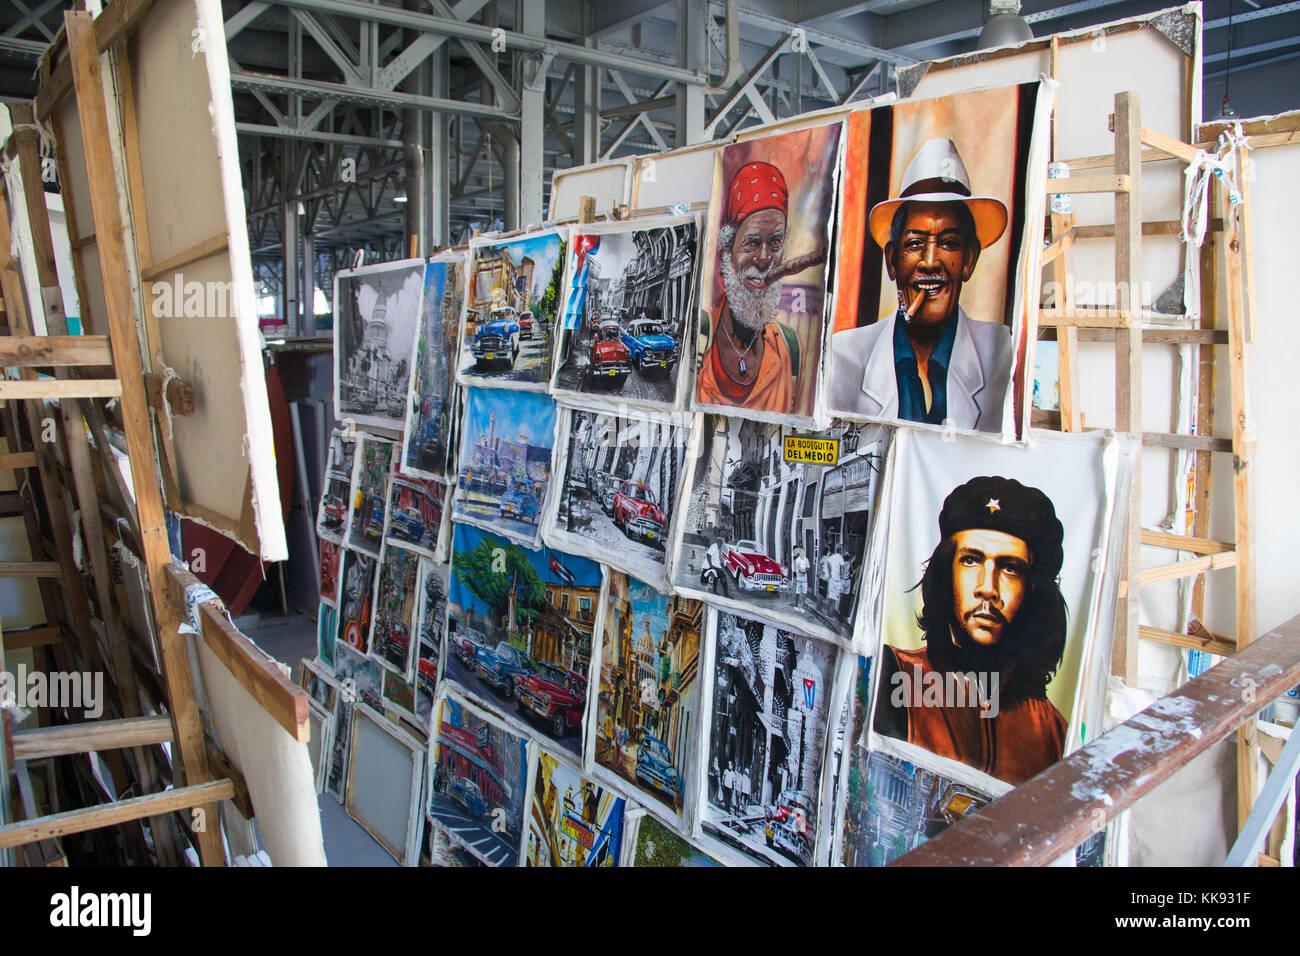 Centro Cultural antiguos almacenes de tu depósito San José Mercado, La Habana, Cuba Imagen De Stock